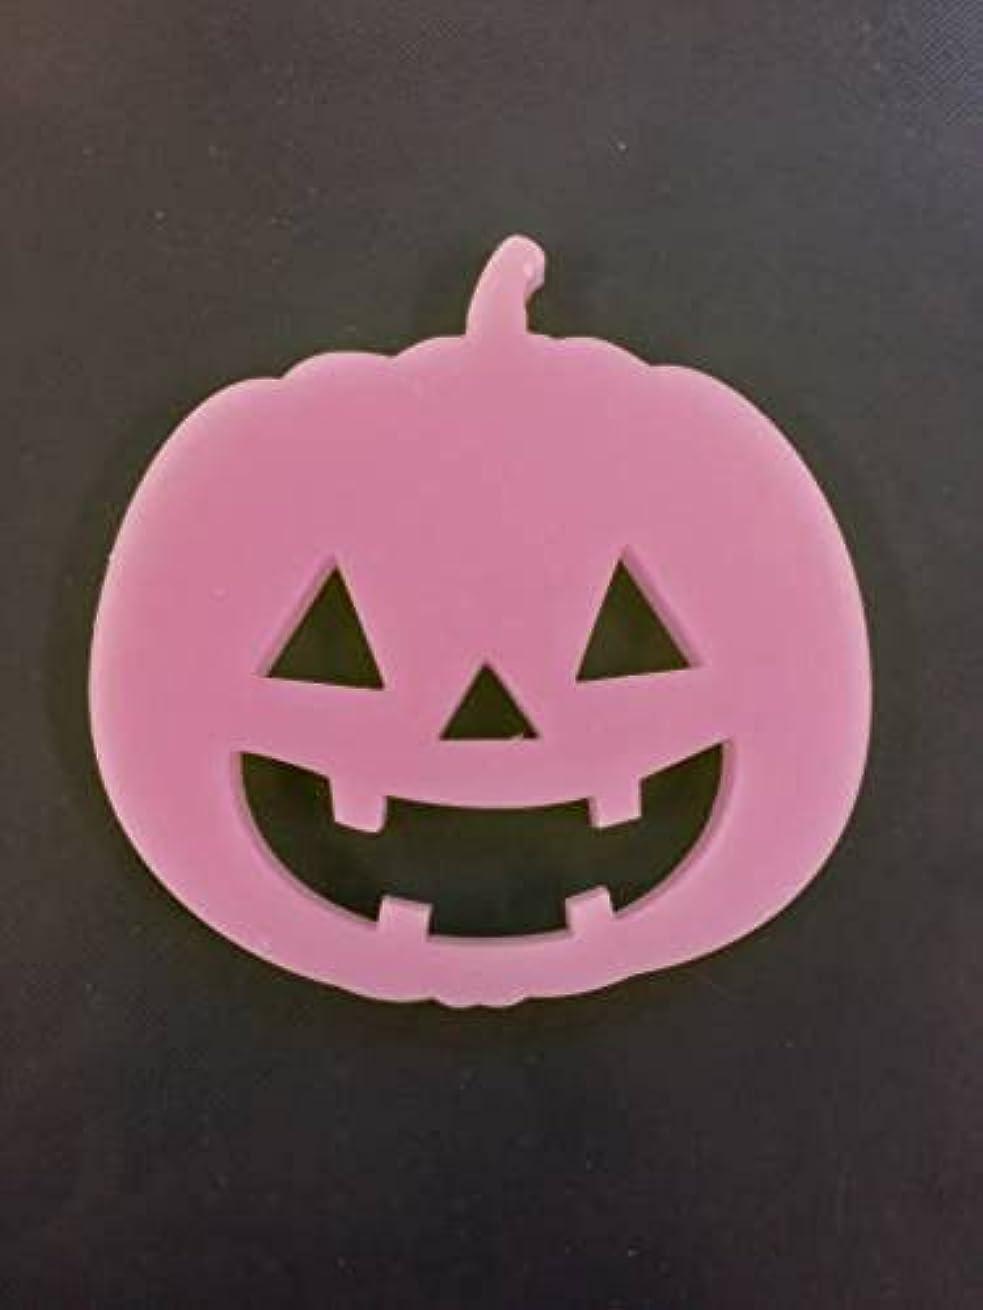 解釈うねる命令GRASSE TOKYO AROMATICWAXチャーム「ハロウィンかぼちゃ」(PI) ゼラニウム アロマティックワックス グラーストウキョウ